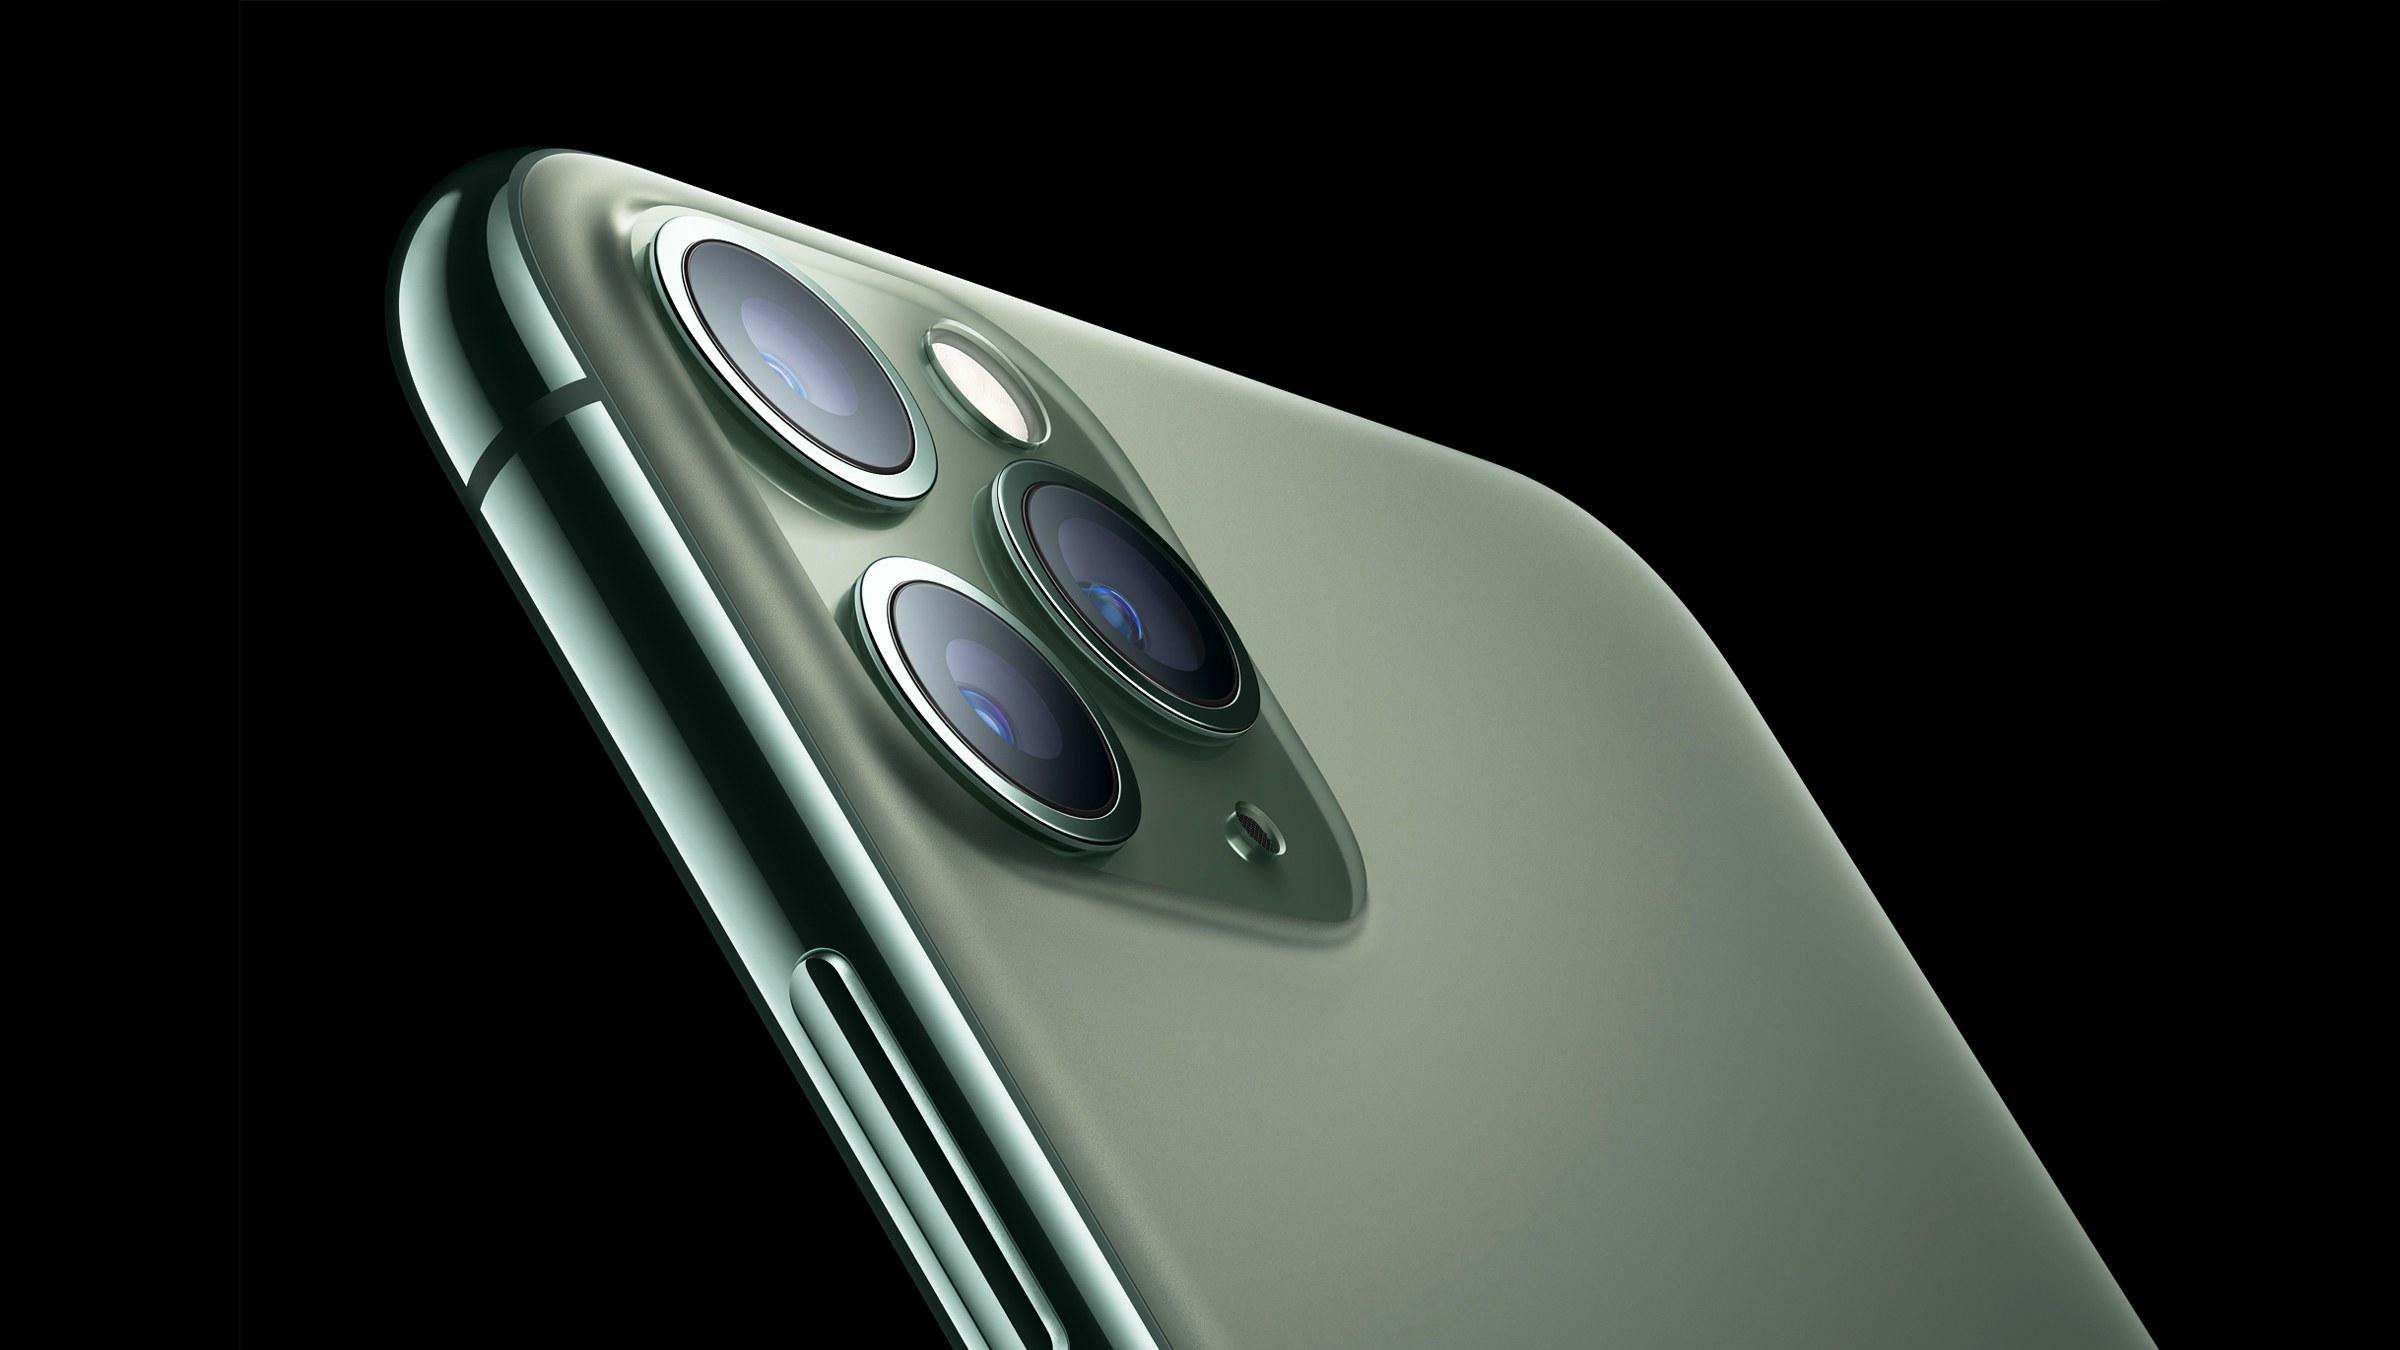 Iphone 11 Pro 5g